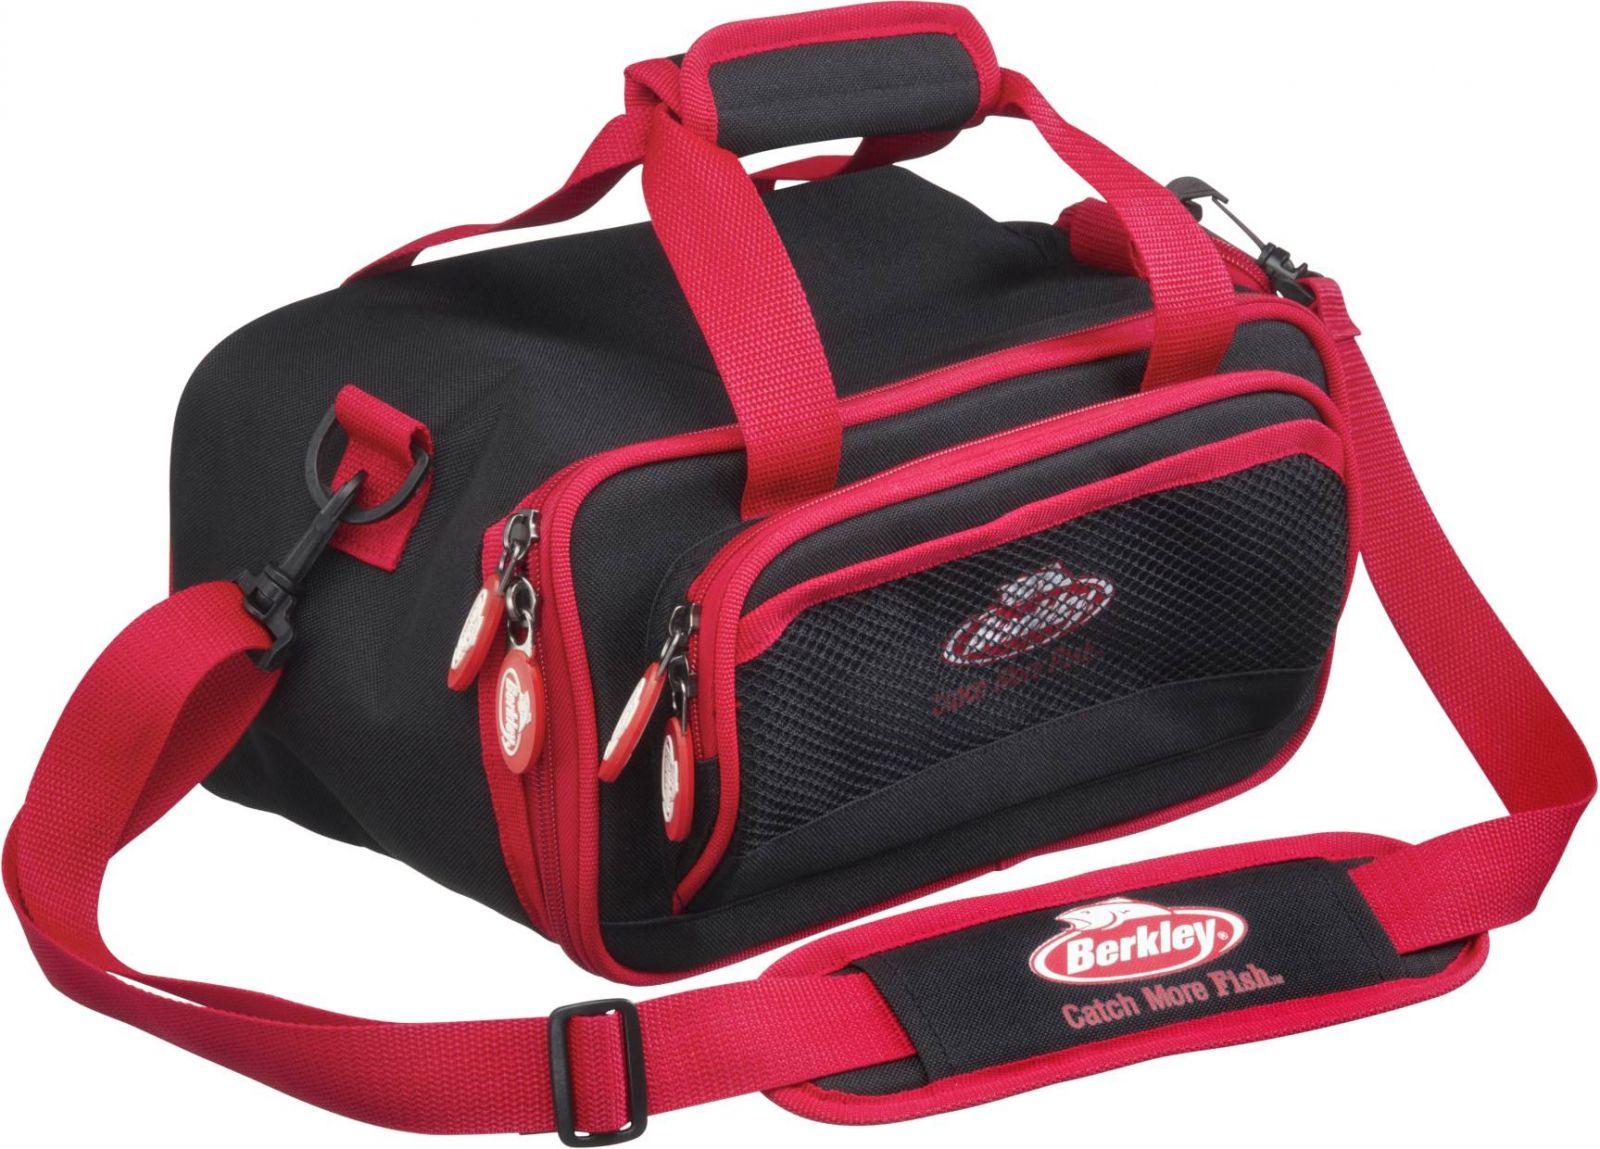 Tašky,batohy na přívlač